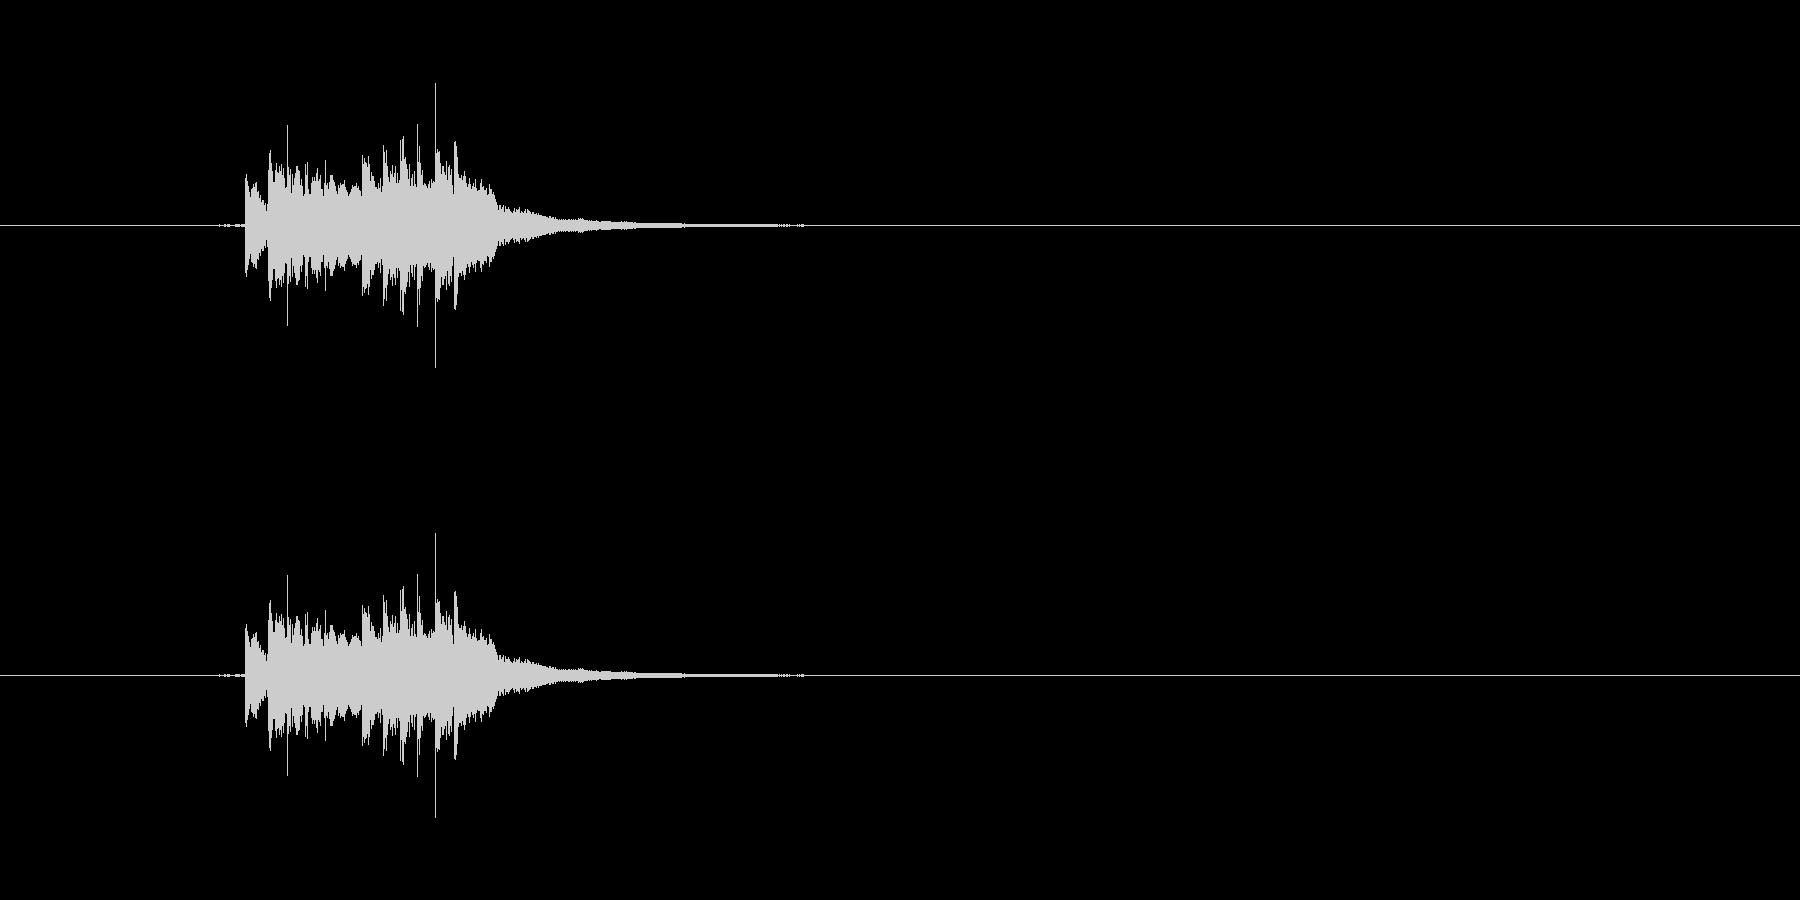 シンプルな自転車のベル音です。の未再生の波形